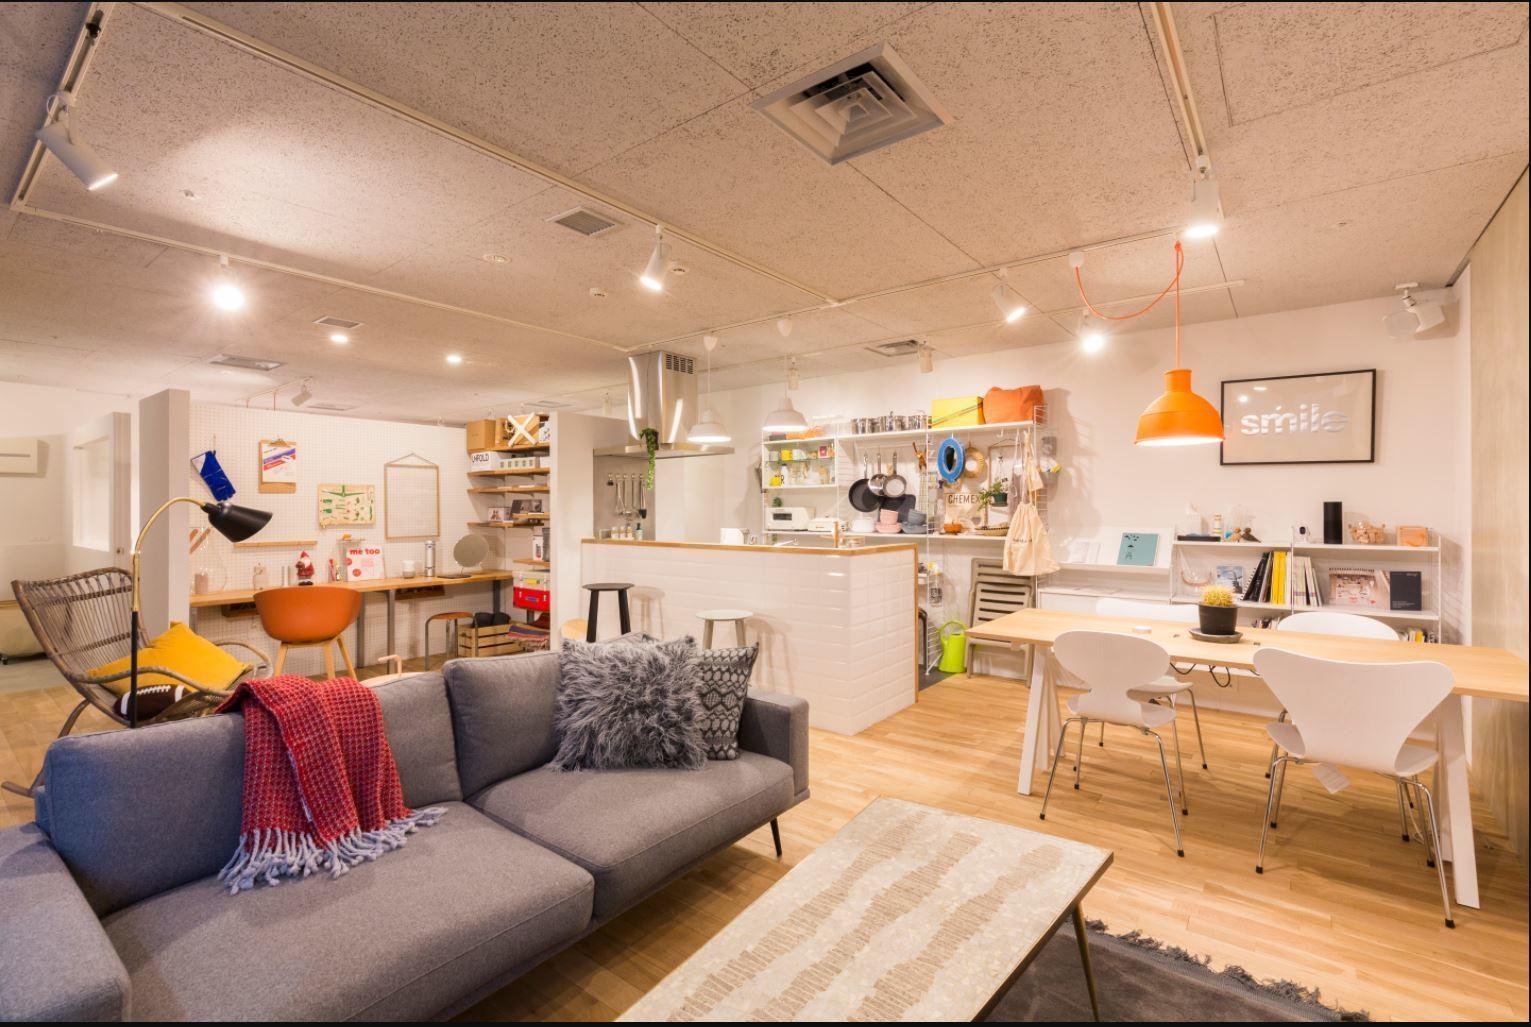 【法人の撮影・会議利用に限定】リノべる 渋谷本社ショールームをお貸出しします(リノべる 渋谷本社ショールーム) の写真0